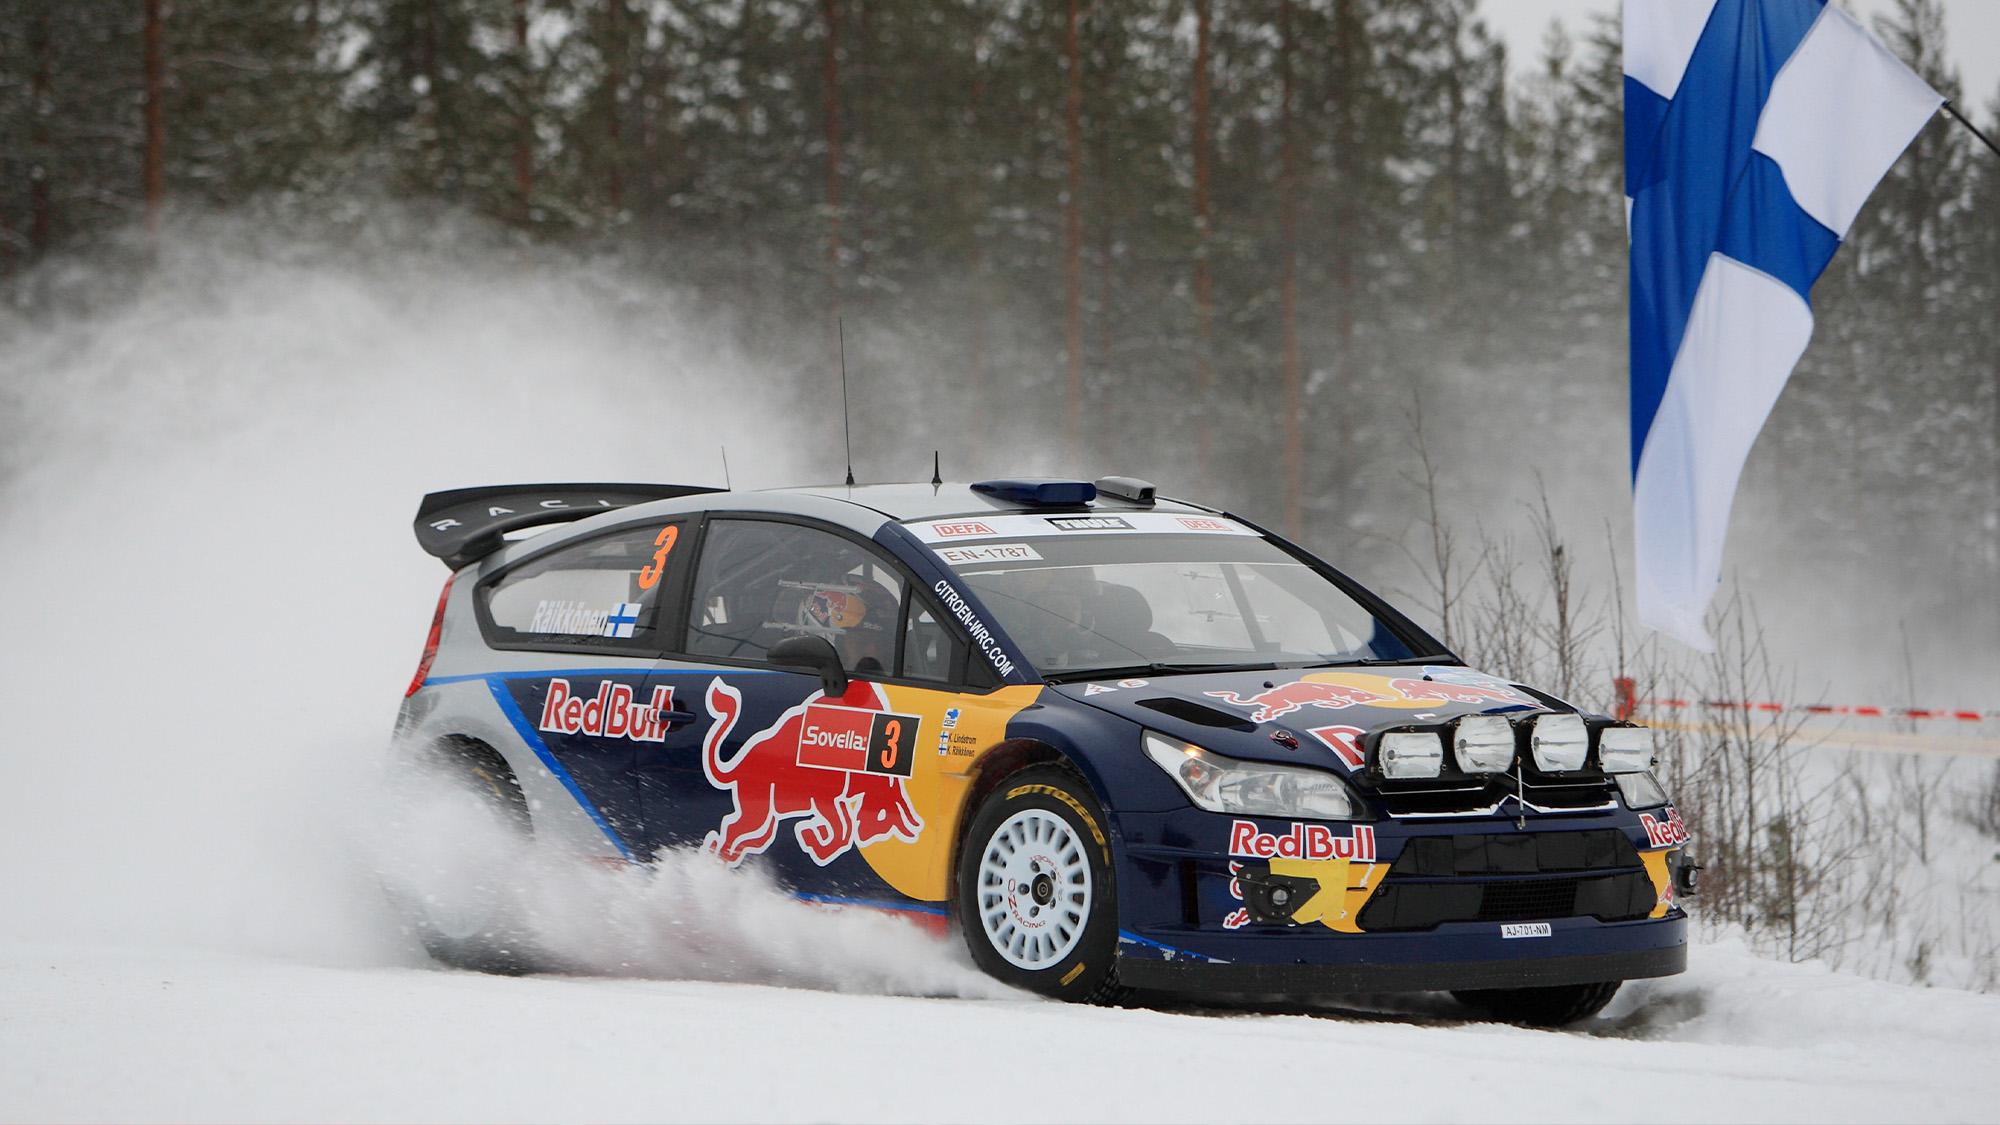 Kimi Raikkonen's Citroen C4 WRC on the snow during 2010 Rally Finland